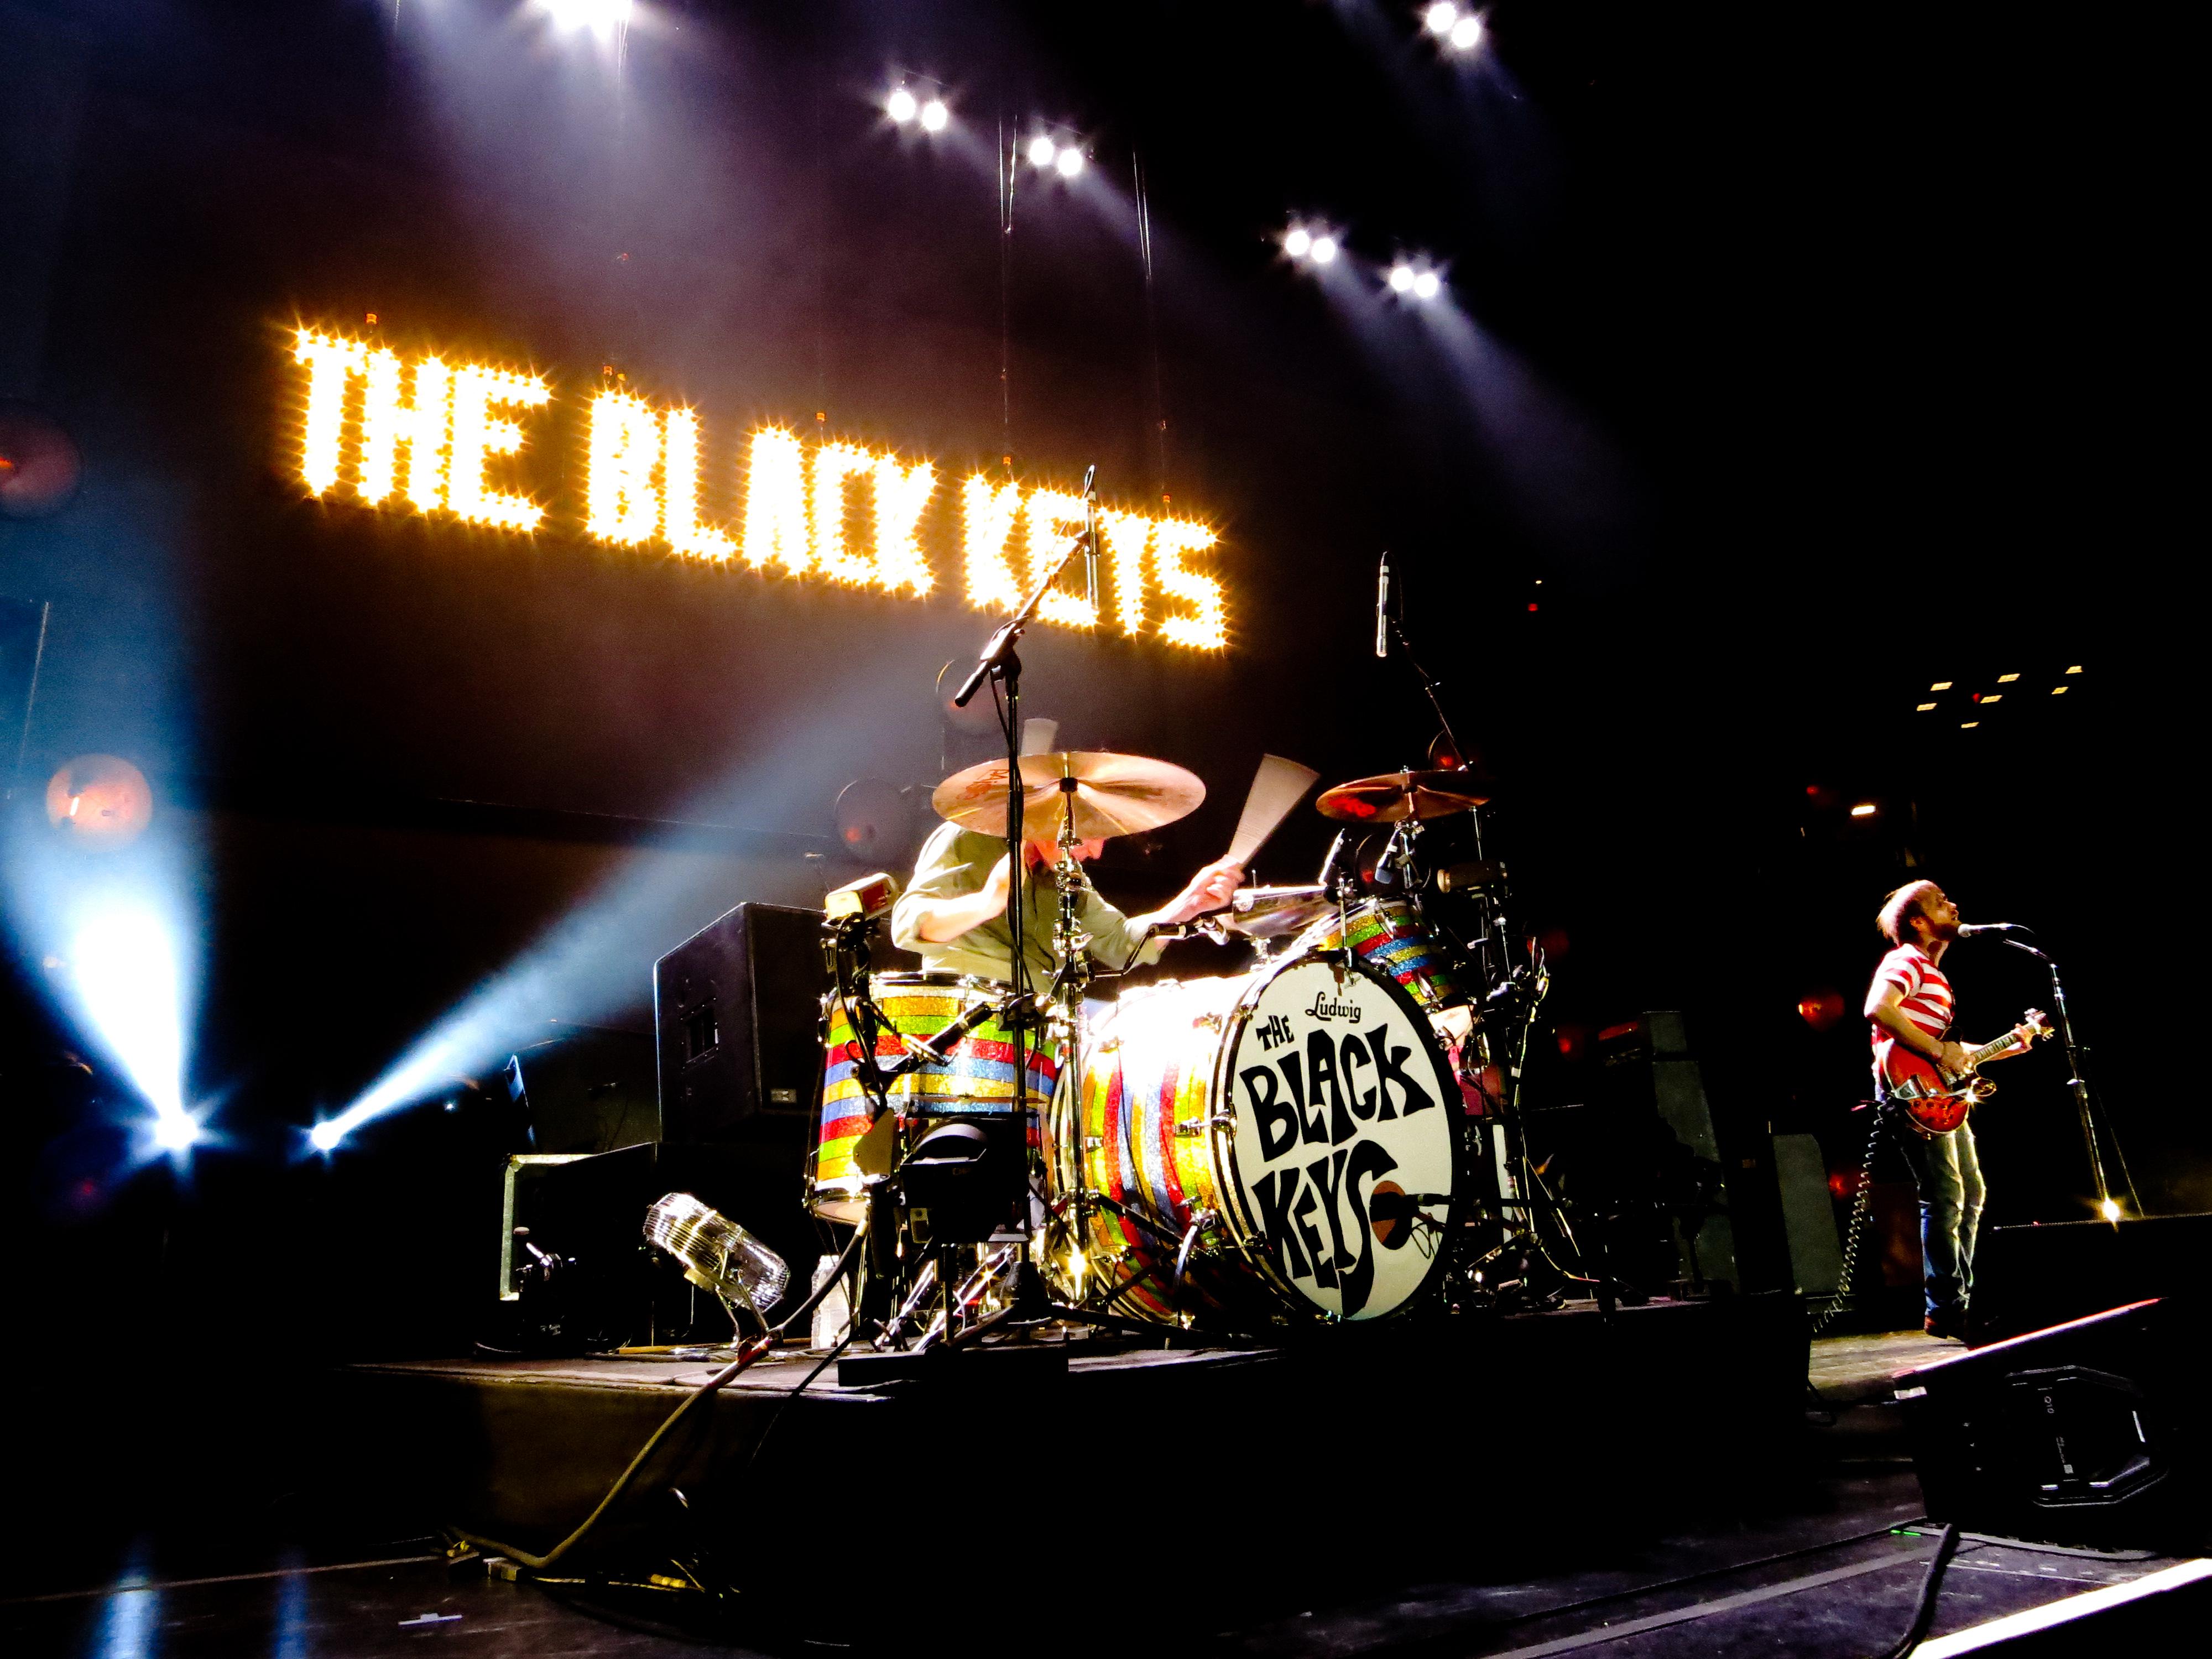 Black keys t shirt uk - Wikimedia Commons